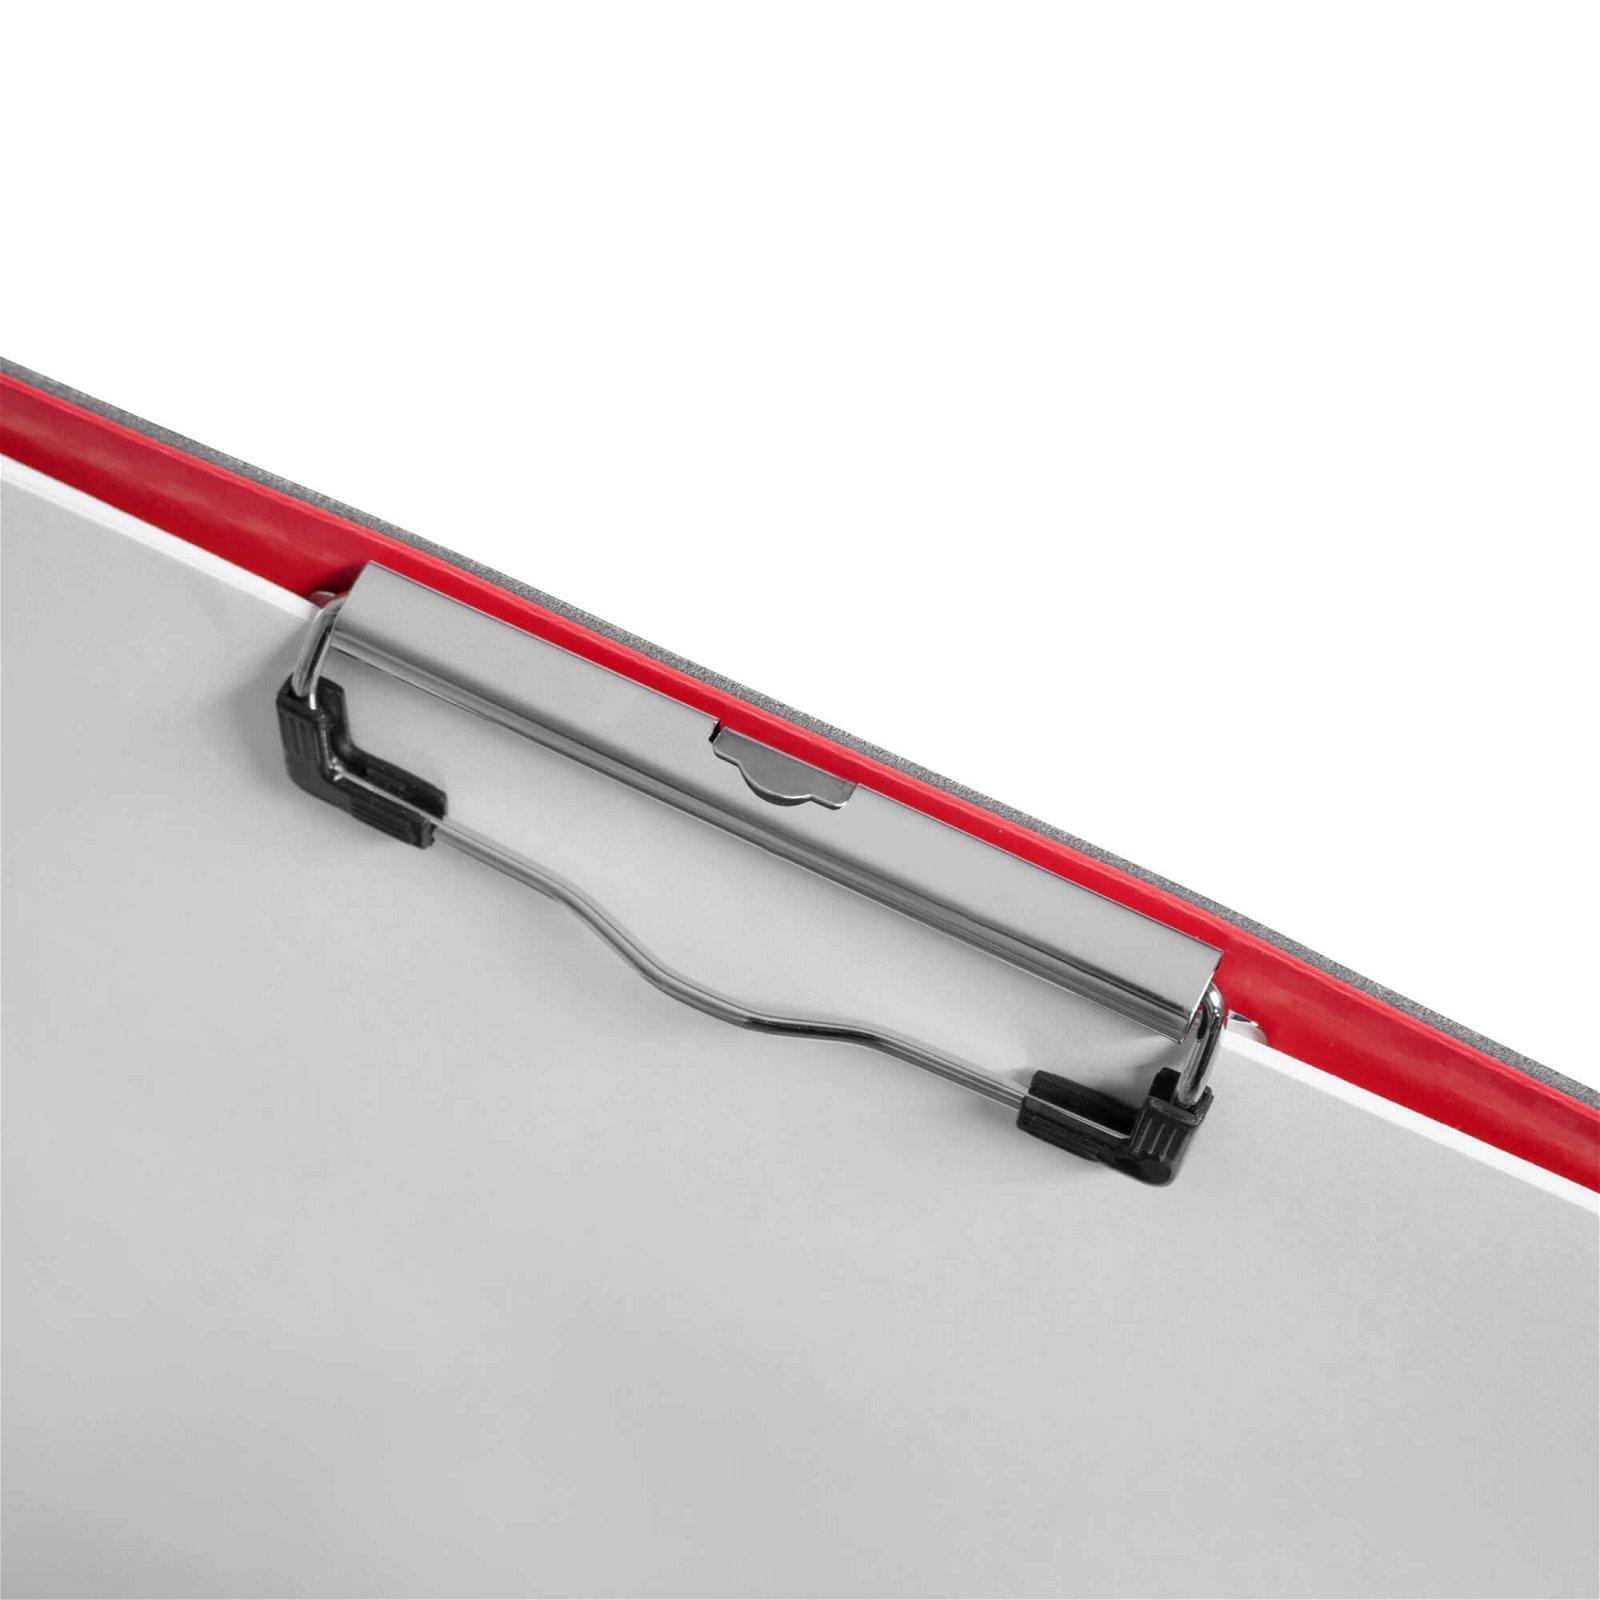 A4 Schreibplatte MAULflexx, rot